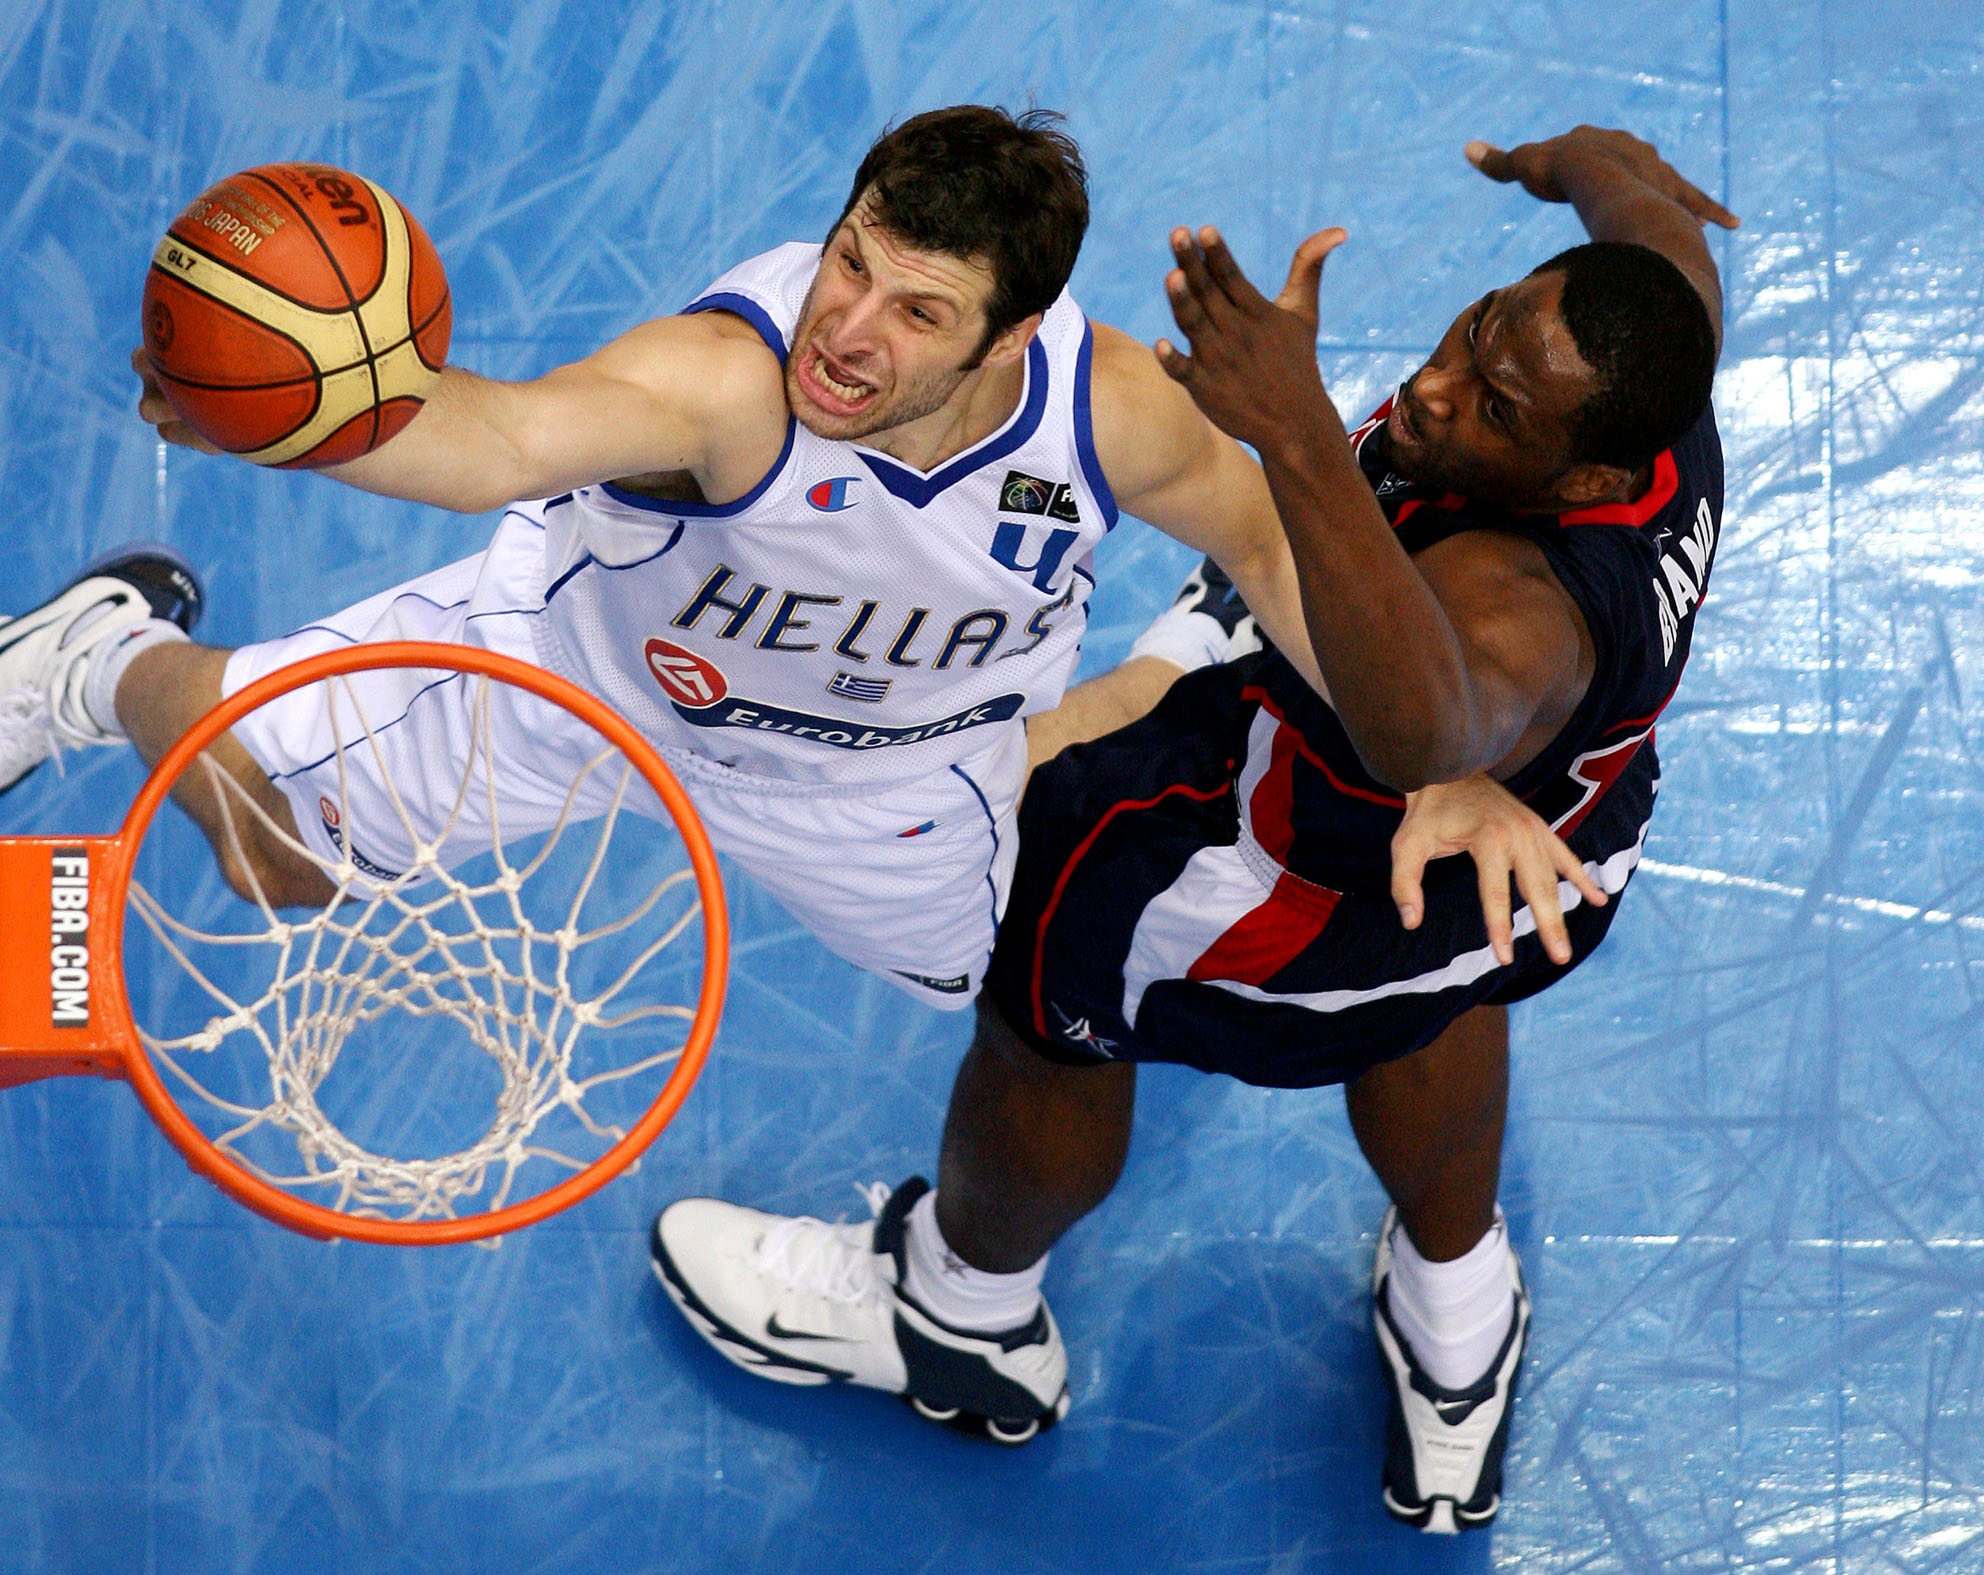 Μουντομπάσκετ Ελλάδα